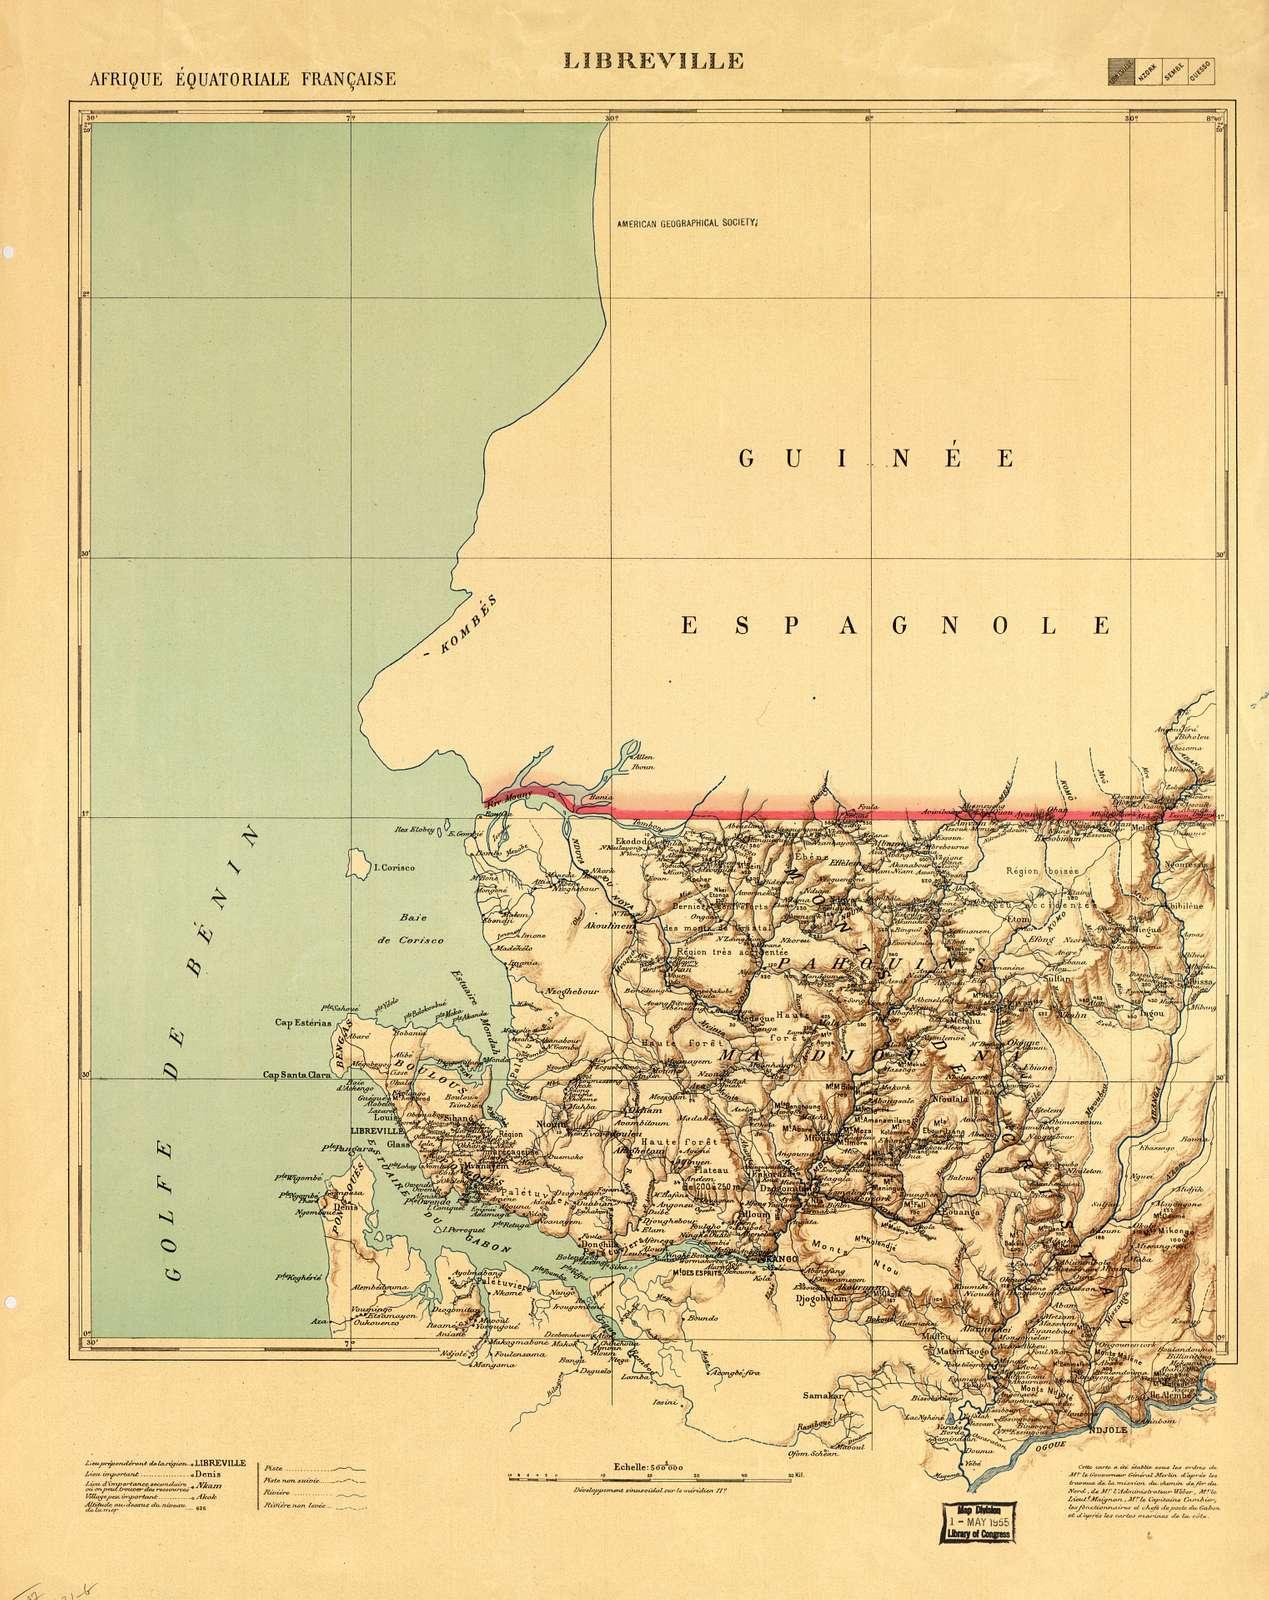 Afrique équatoriale française.